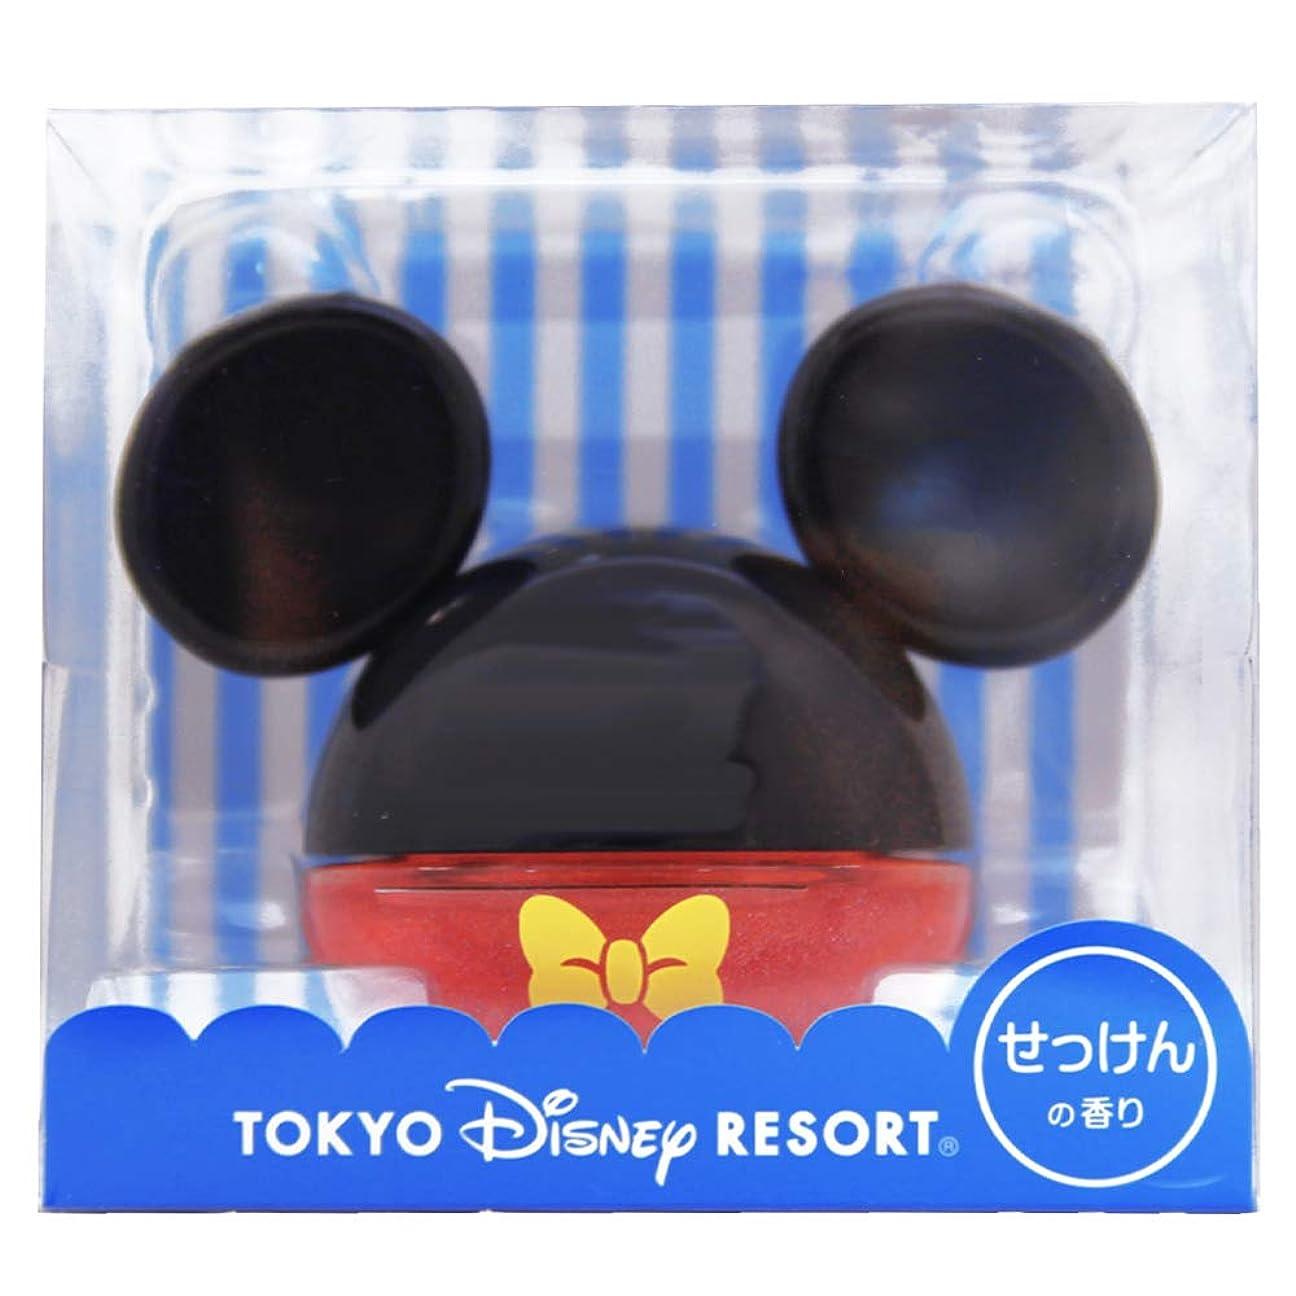 雷雨それによって受粉するルームフレグランスジェル ( ミッキー マウス ) せっけんの香り 芳香剤 部屋 ルーム フレグランス ジェル ( ディズニー リゾート限定 お土産 )